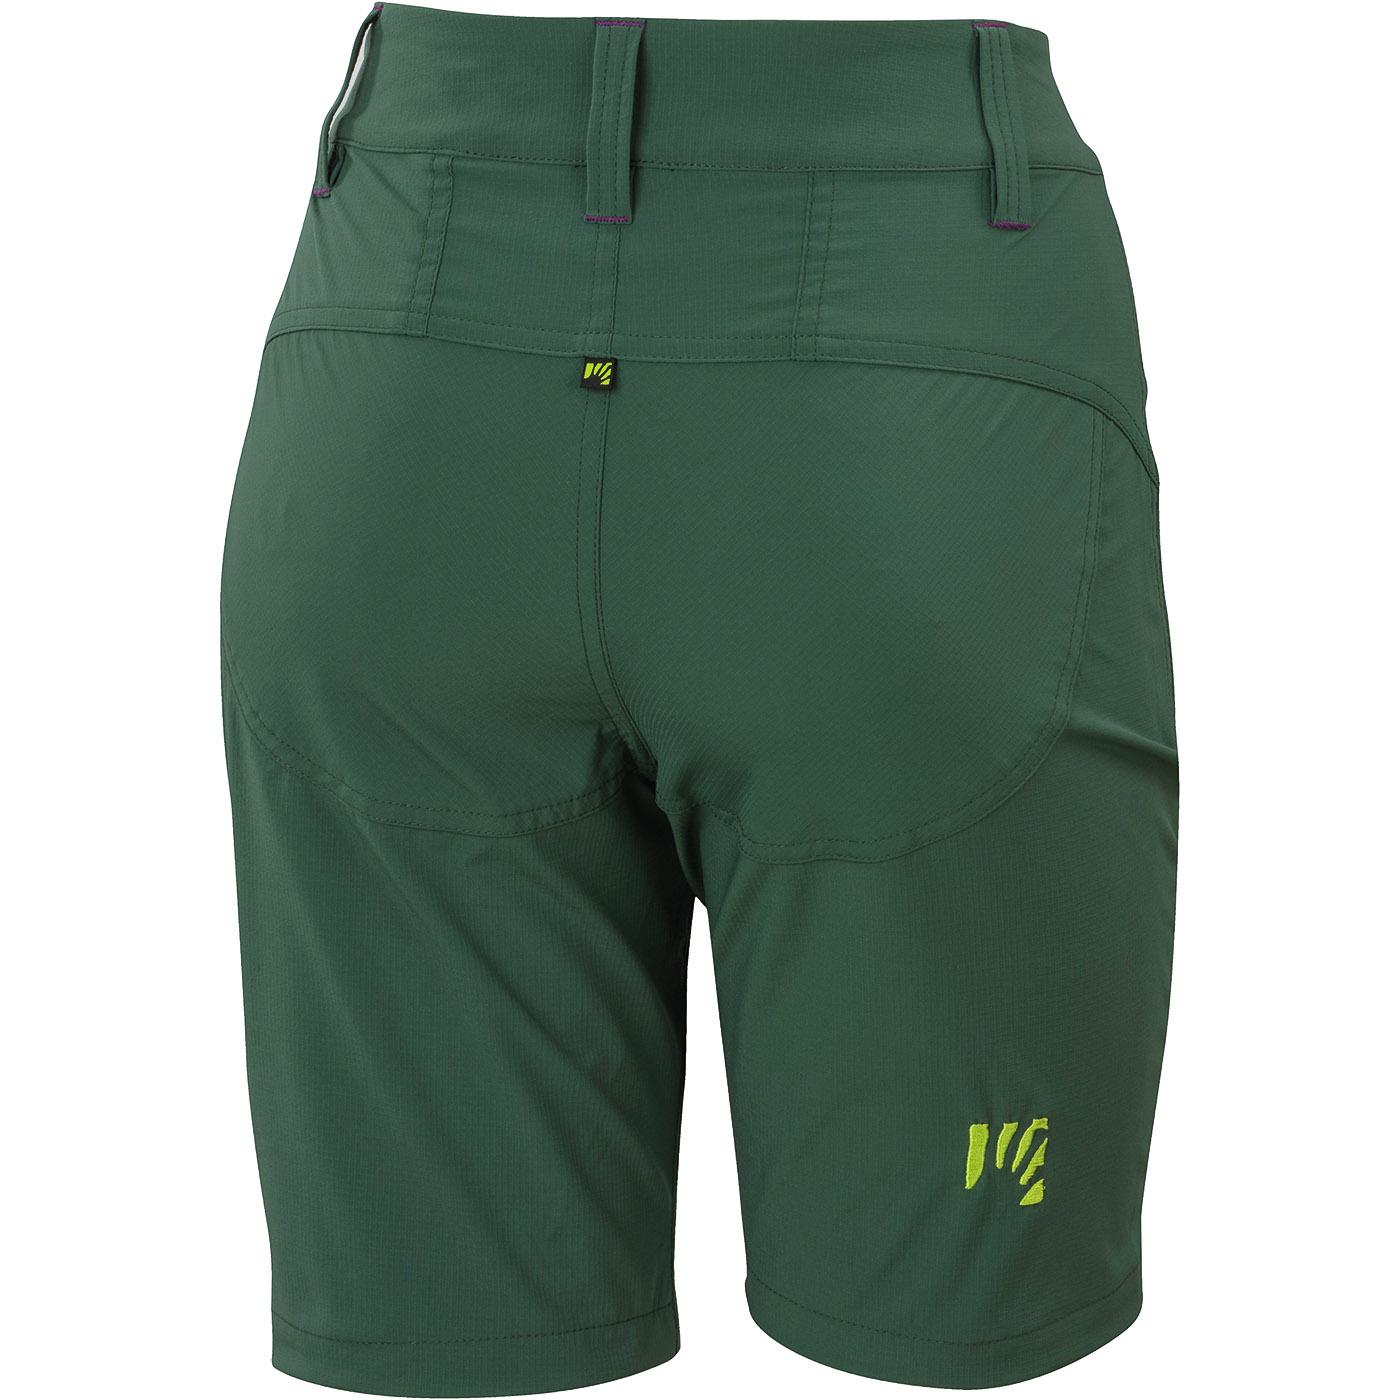 628b5526e710 Karpos TREKK EVO bermudy dámske zelené. Pre absolútny zážitok prosím  použite prehliadač s javascriptom